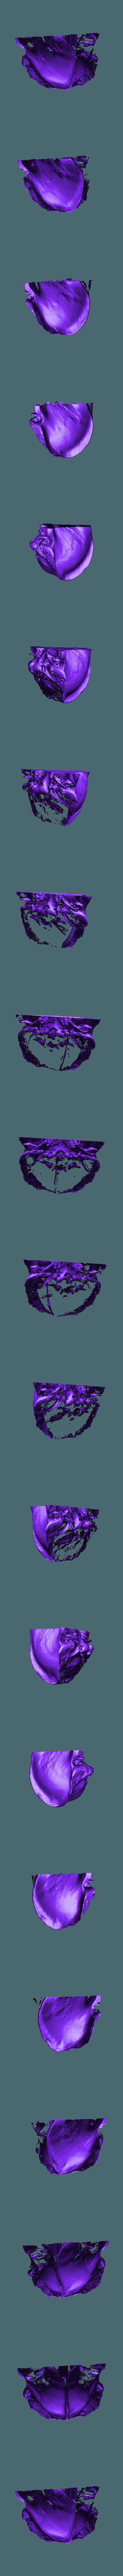 OrangBack.stl Download STL file Replica Real Orangutan Primate Skull and Jaw • Design to 3D print, Anthrobones